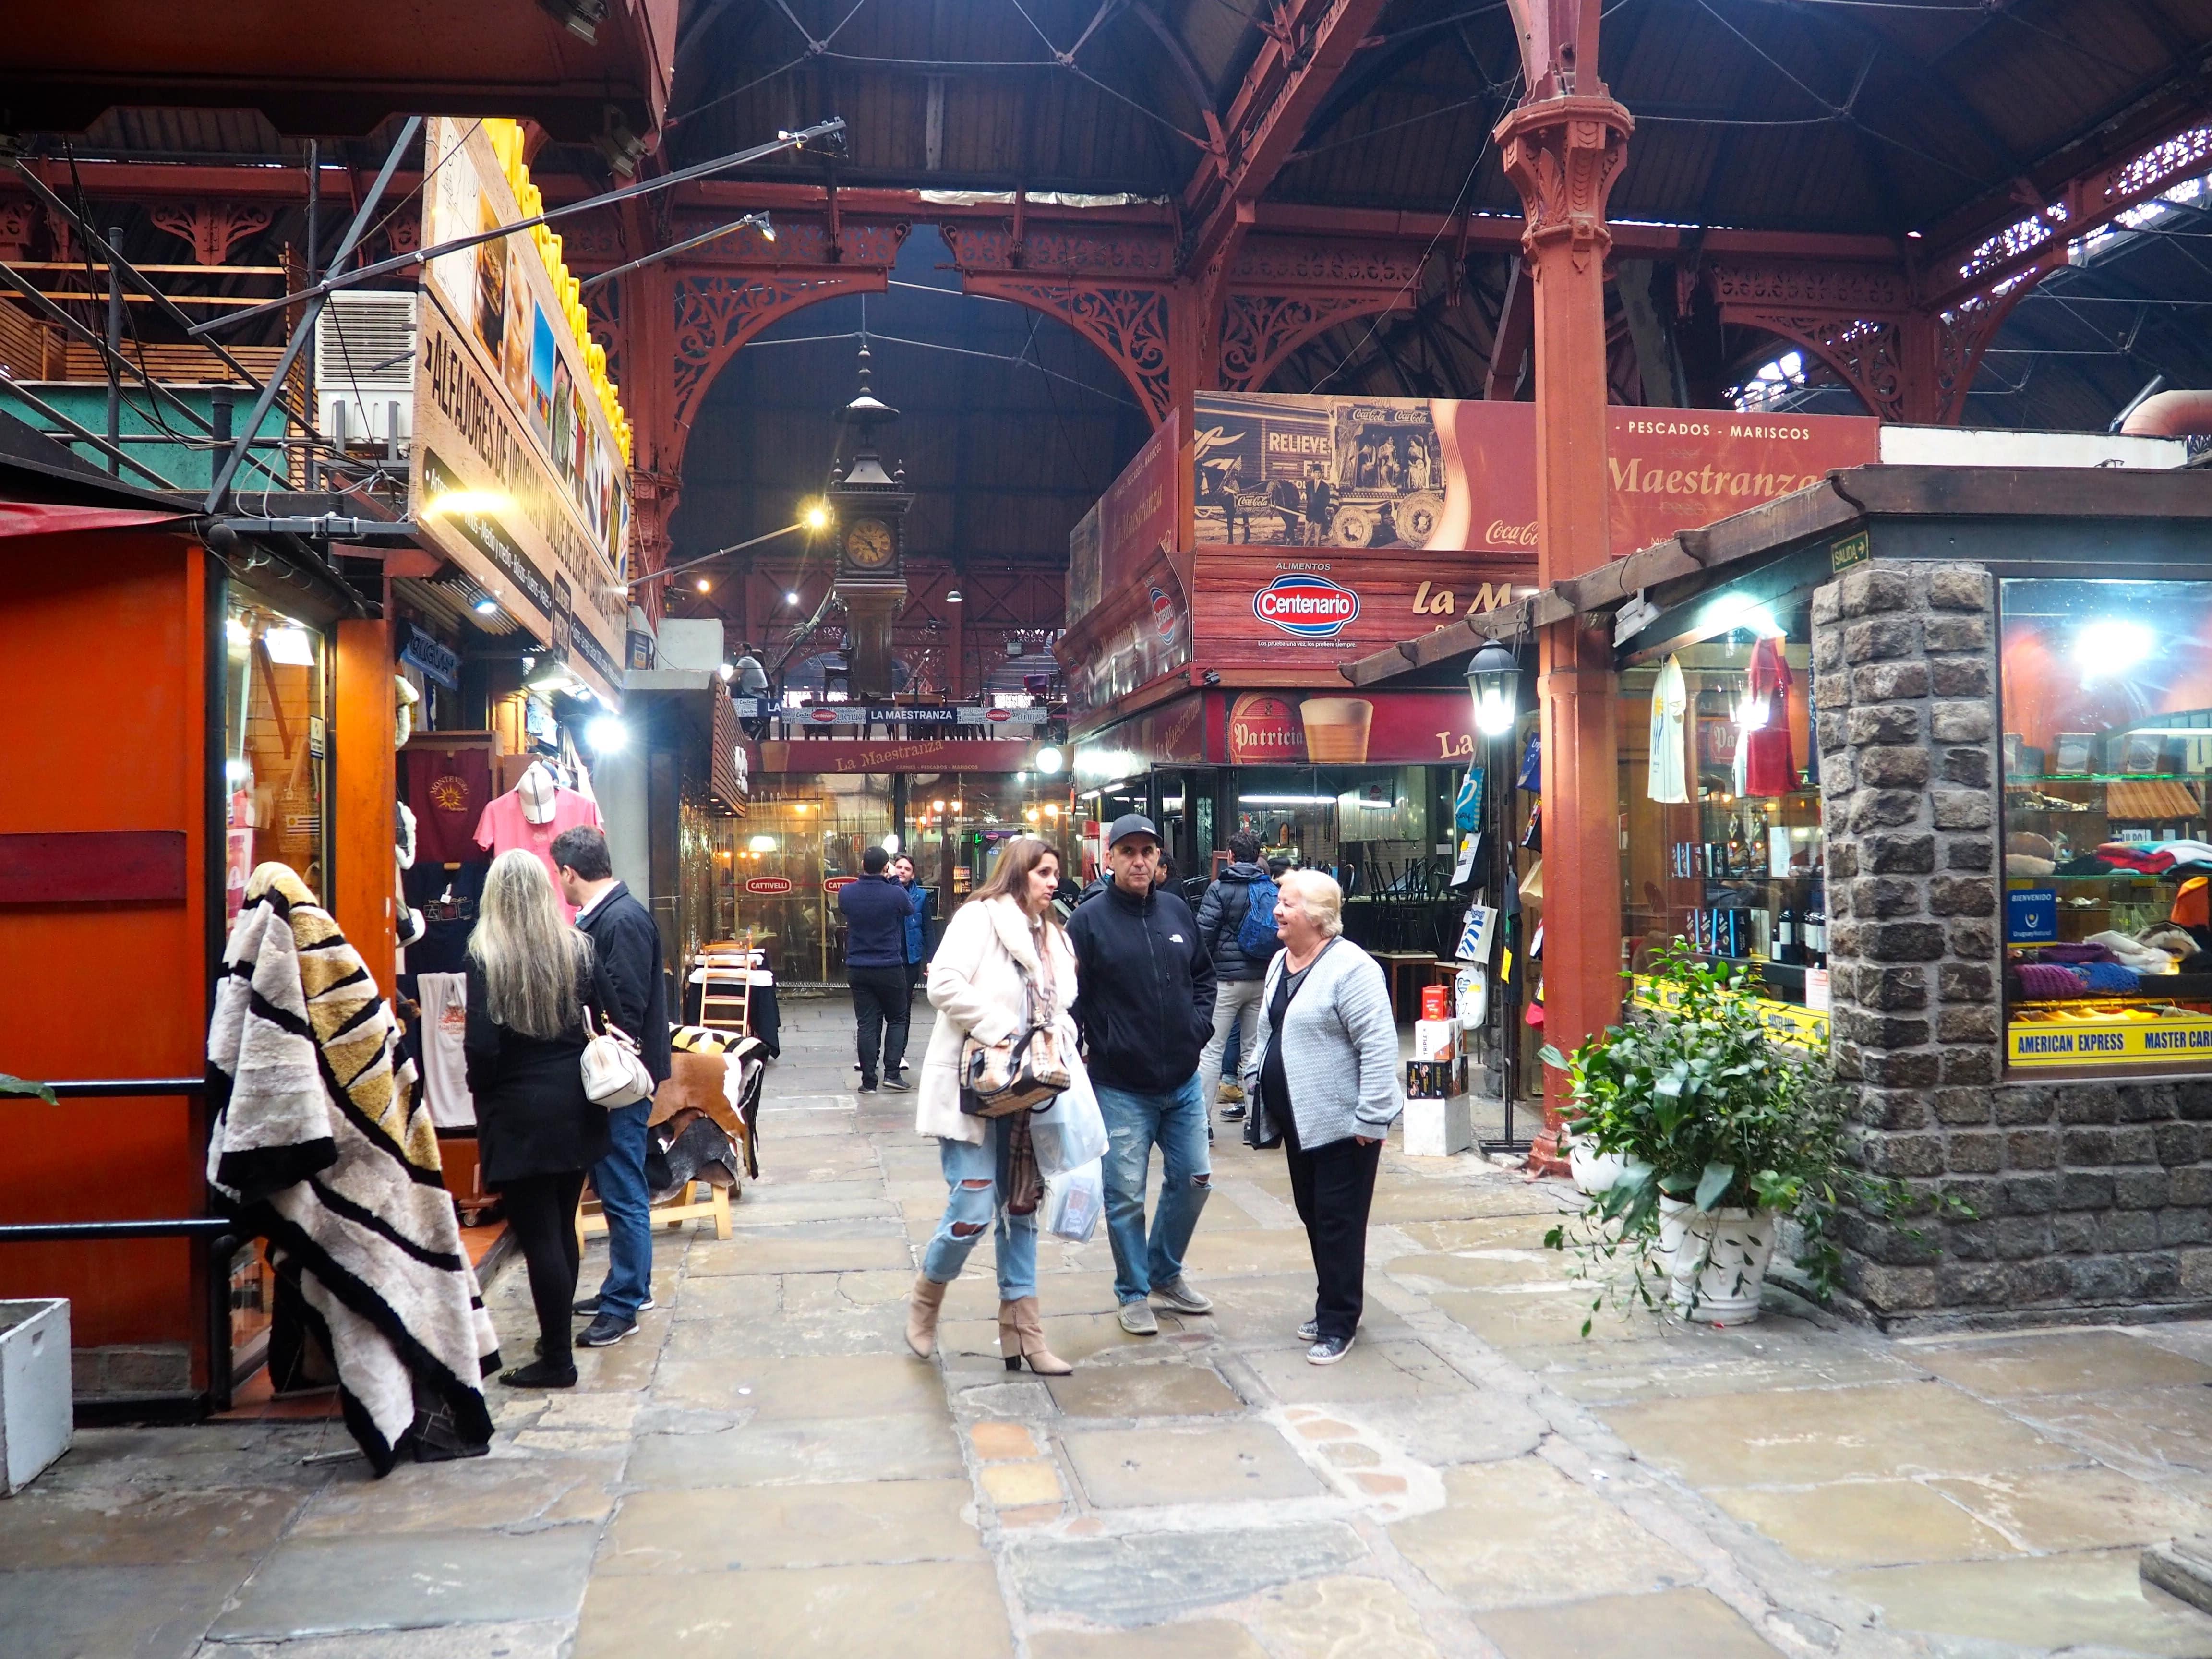 Dónde comer en Montevideo; Mercado del Puerto en Montevideo